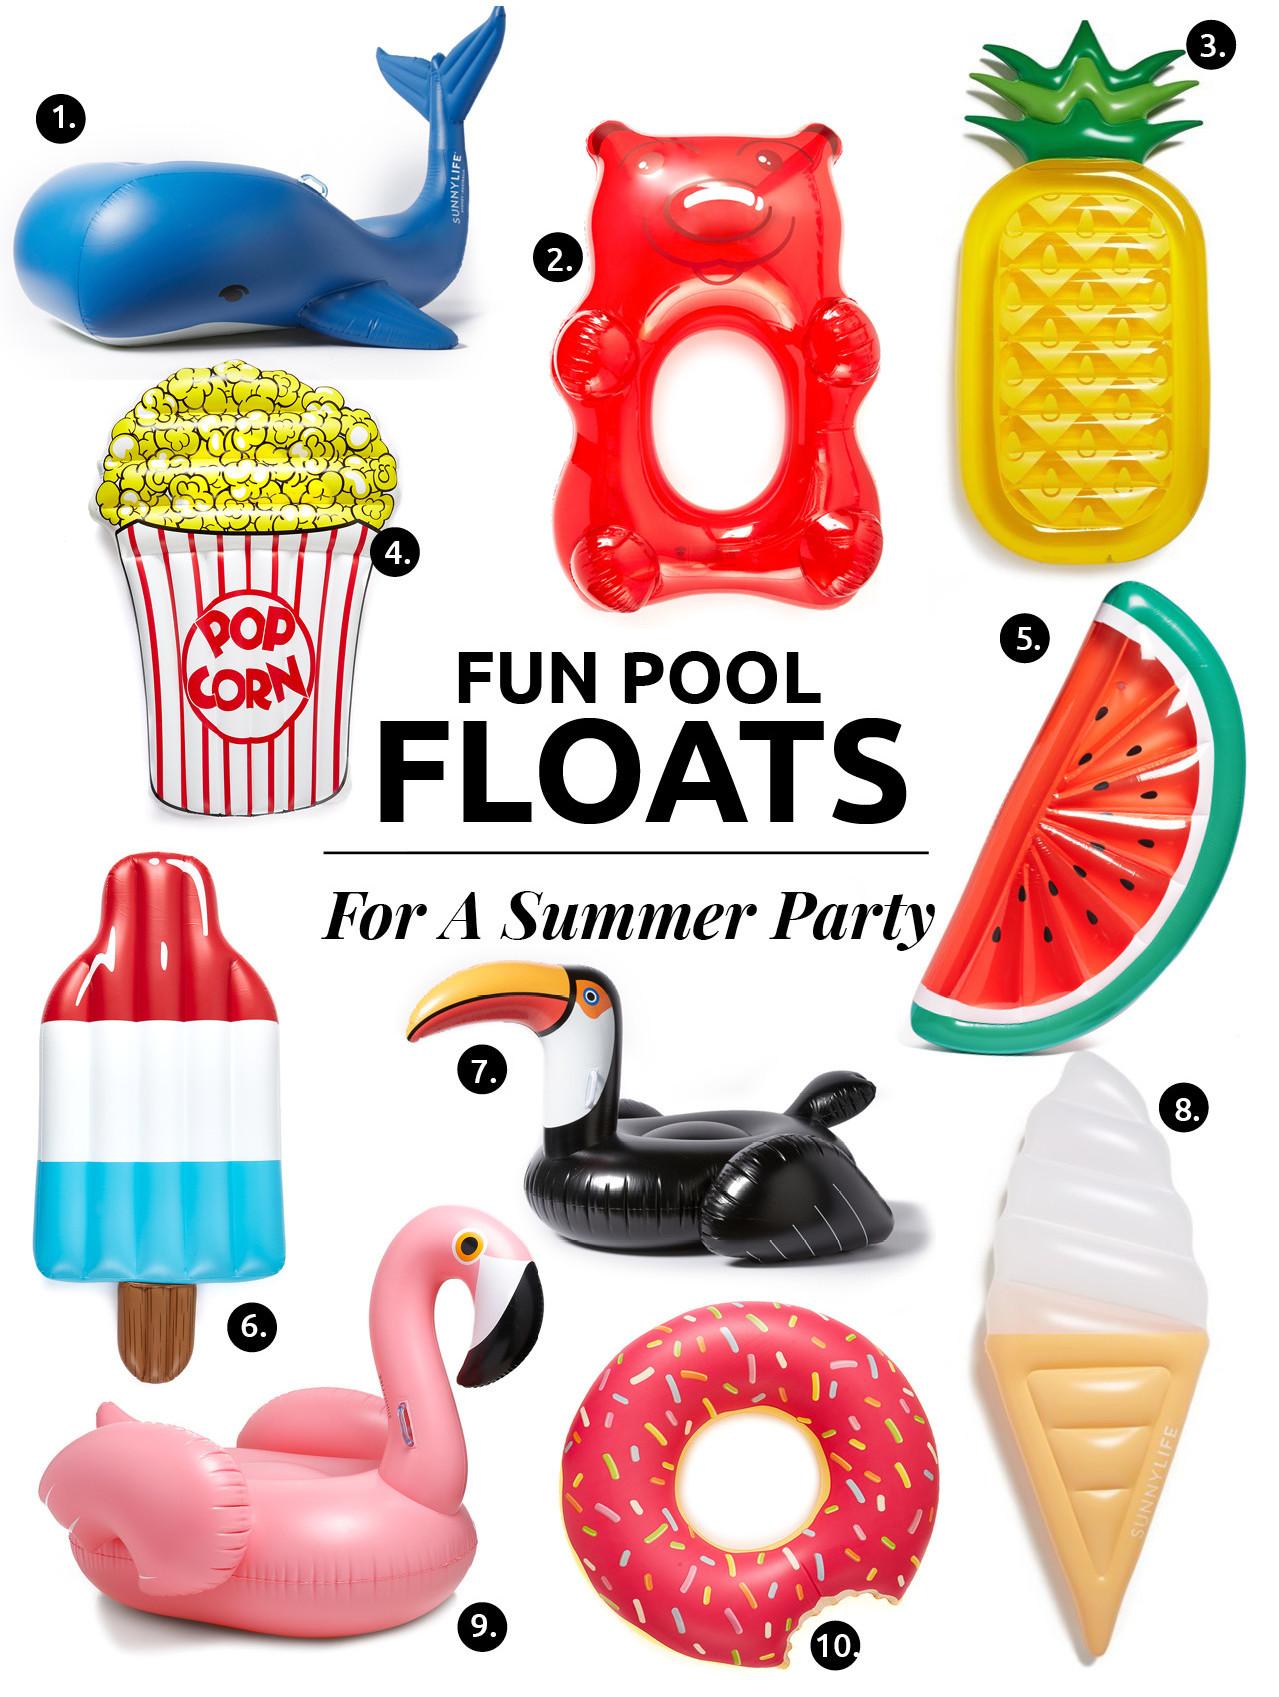 10 Divertidos Flotadores Para Una Fiesta De Verano // ¿Estás listo para el verano? Aquí está una lista de divertidos flotadores de piscinas para llevar a tu fiesta de verano con la familia y amigos.